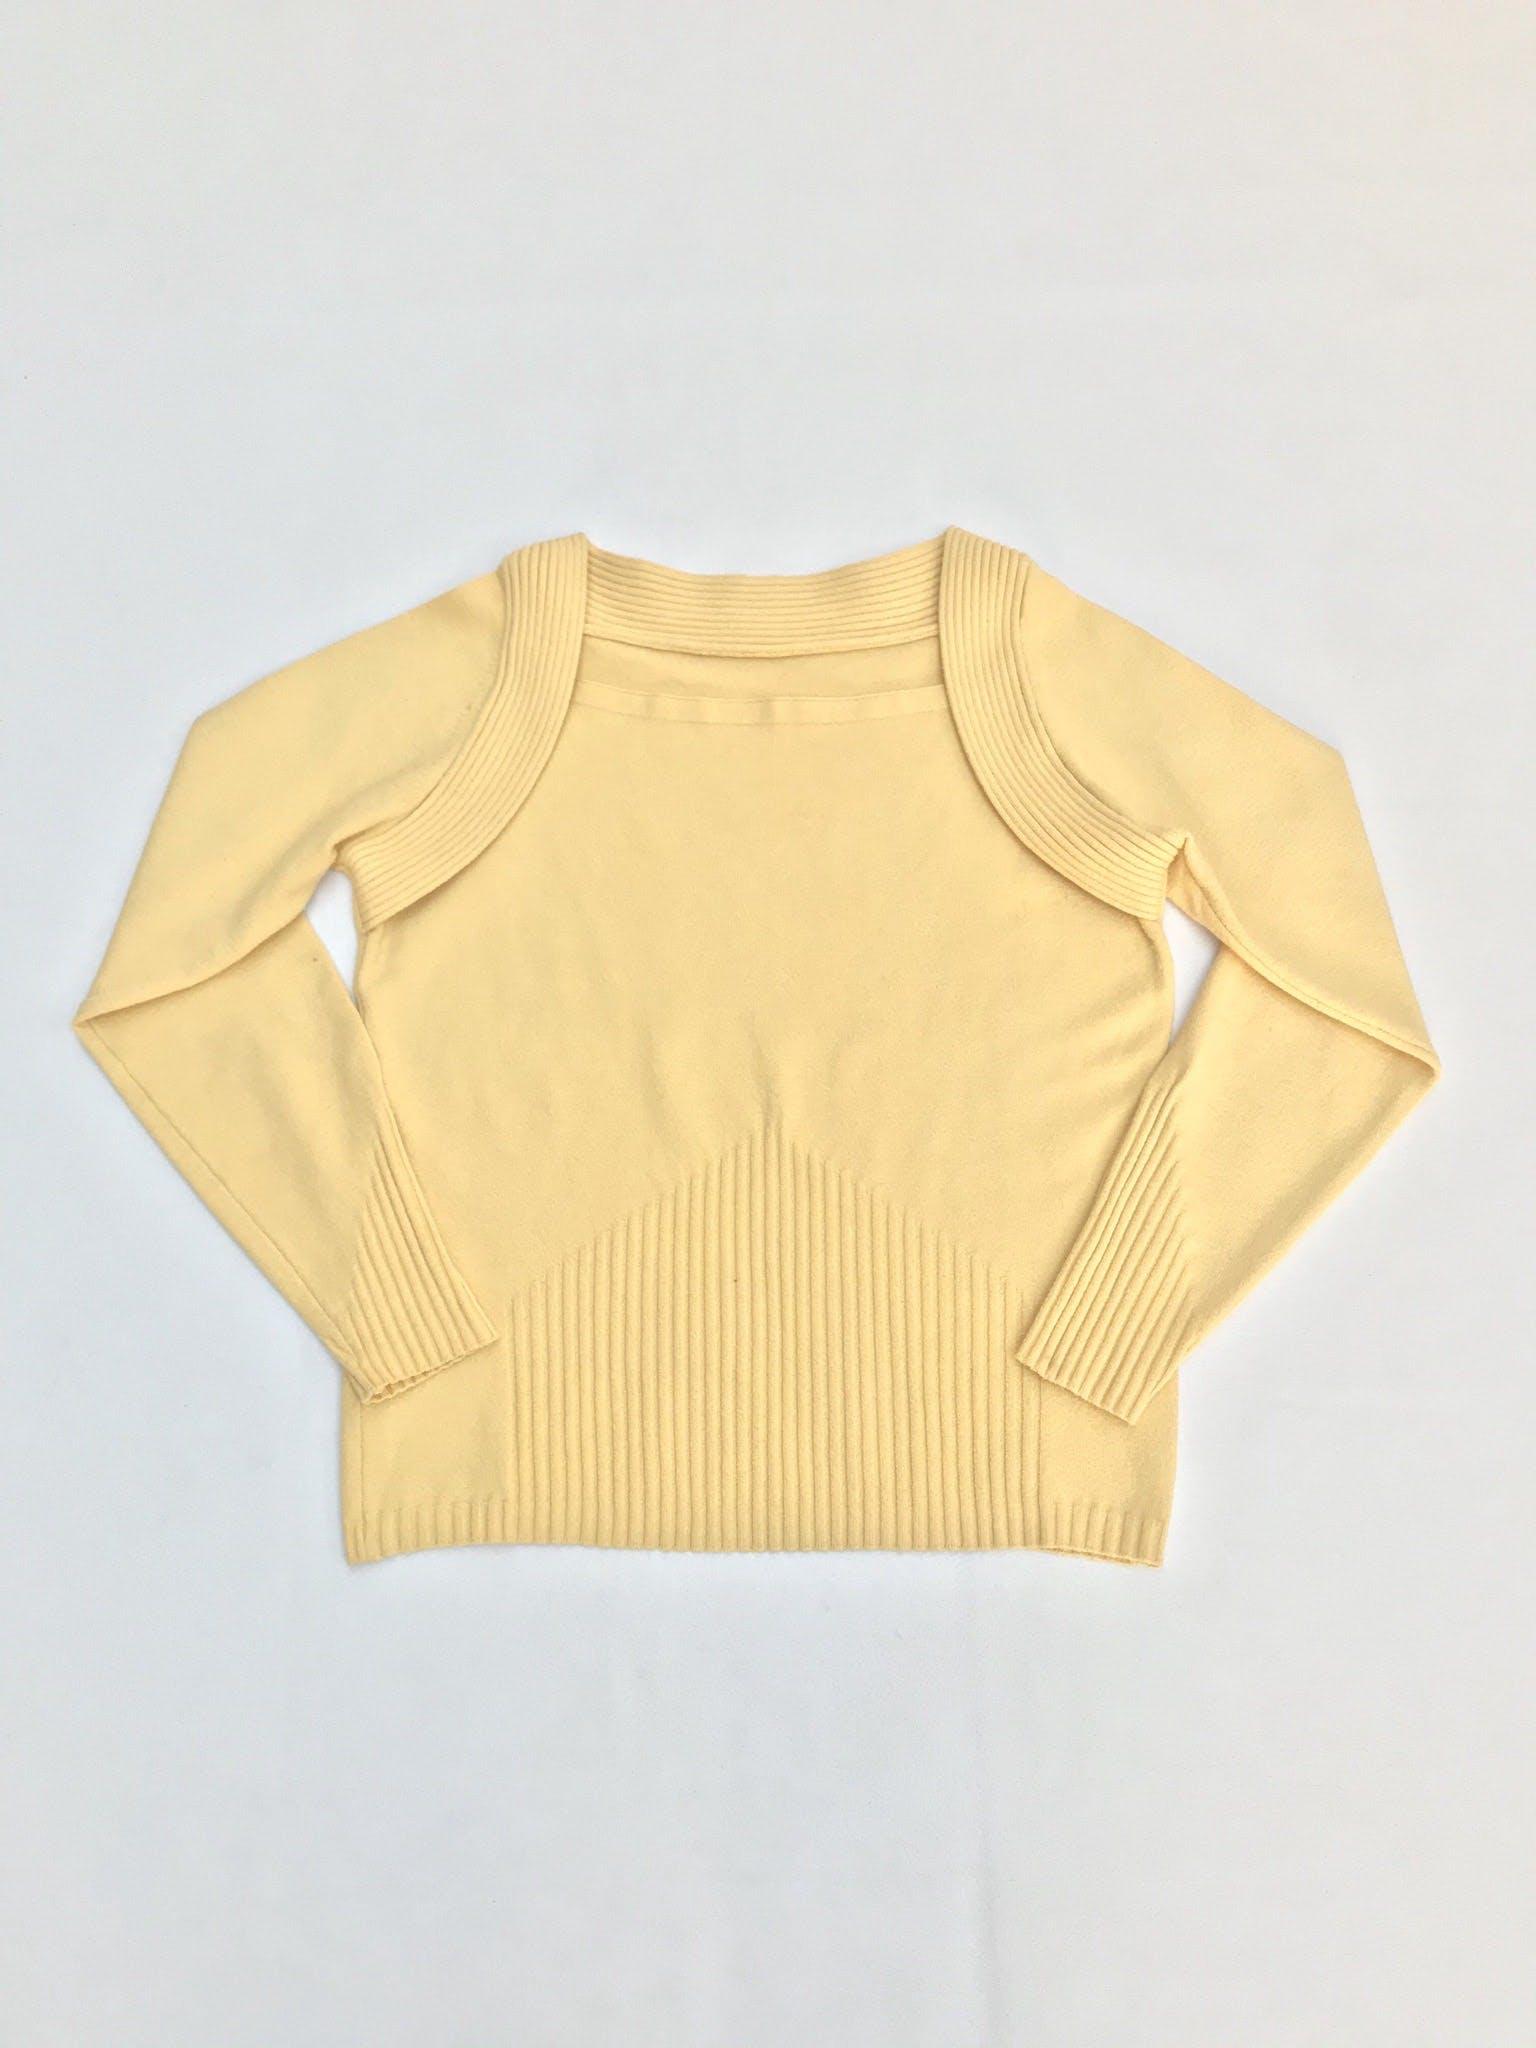 Chompita amarilla con detalles de textura acanalada